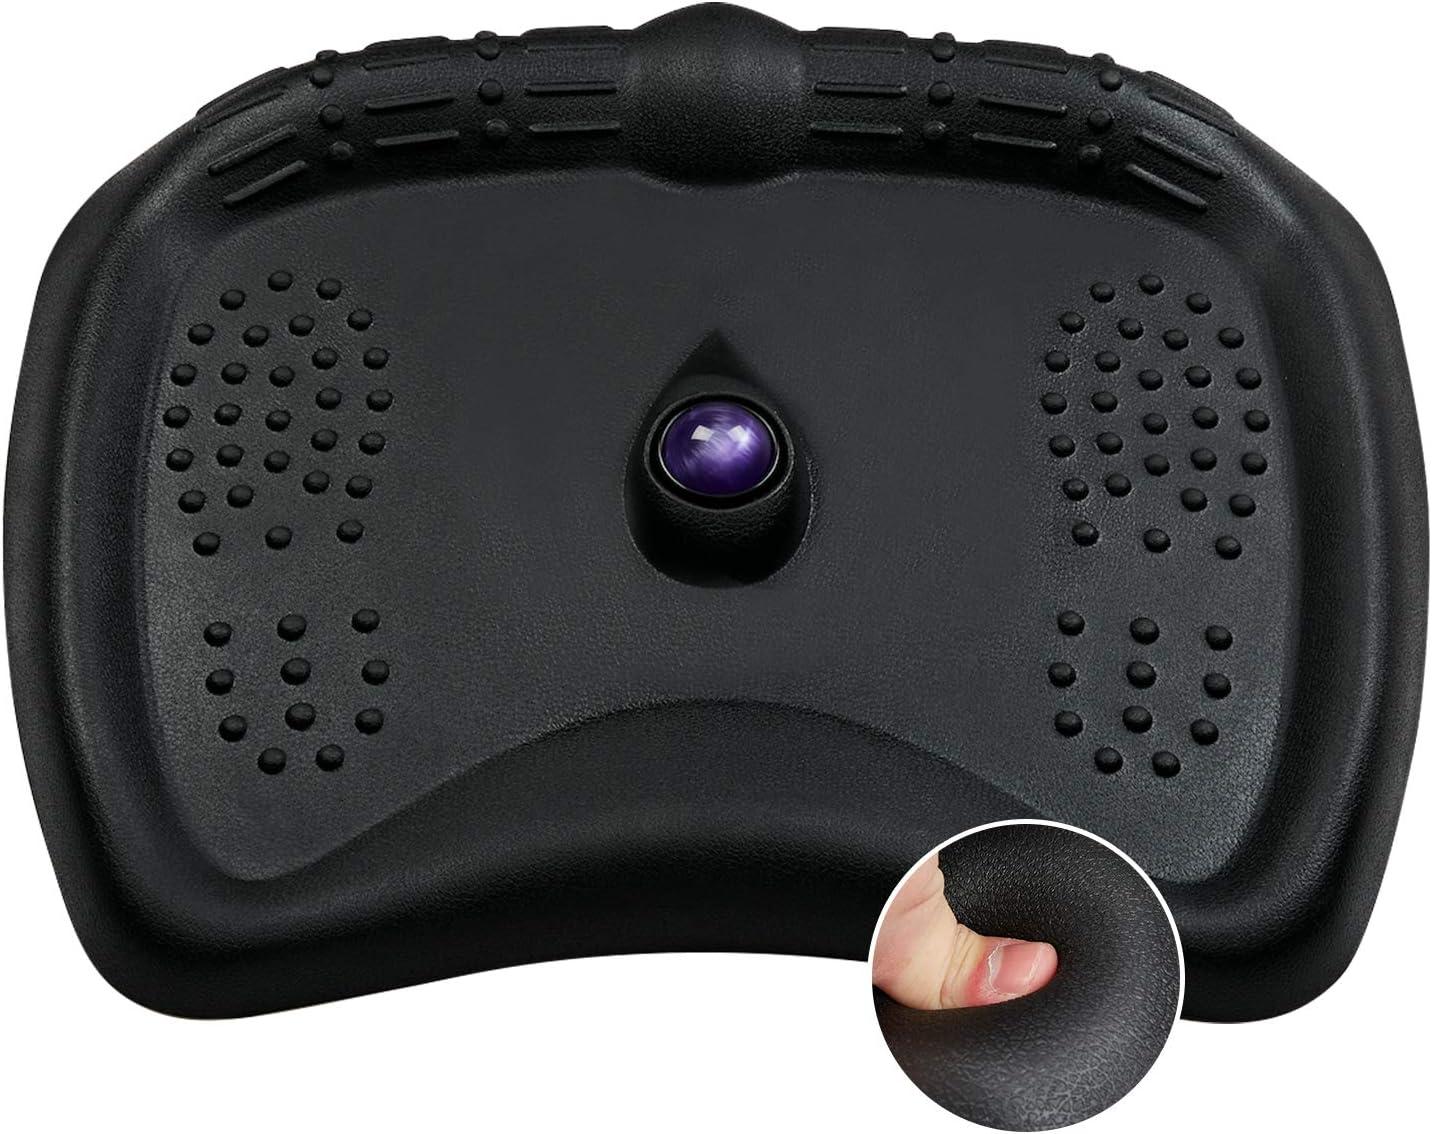 Homek Standing Desk Anti Fatigue Mat Active Comfort Mat with Foot Massage Roller Ball